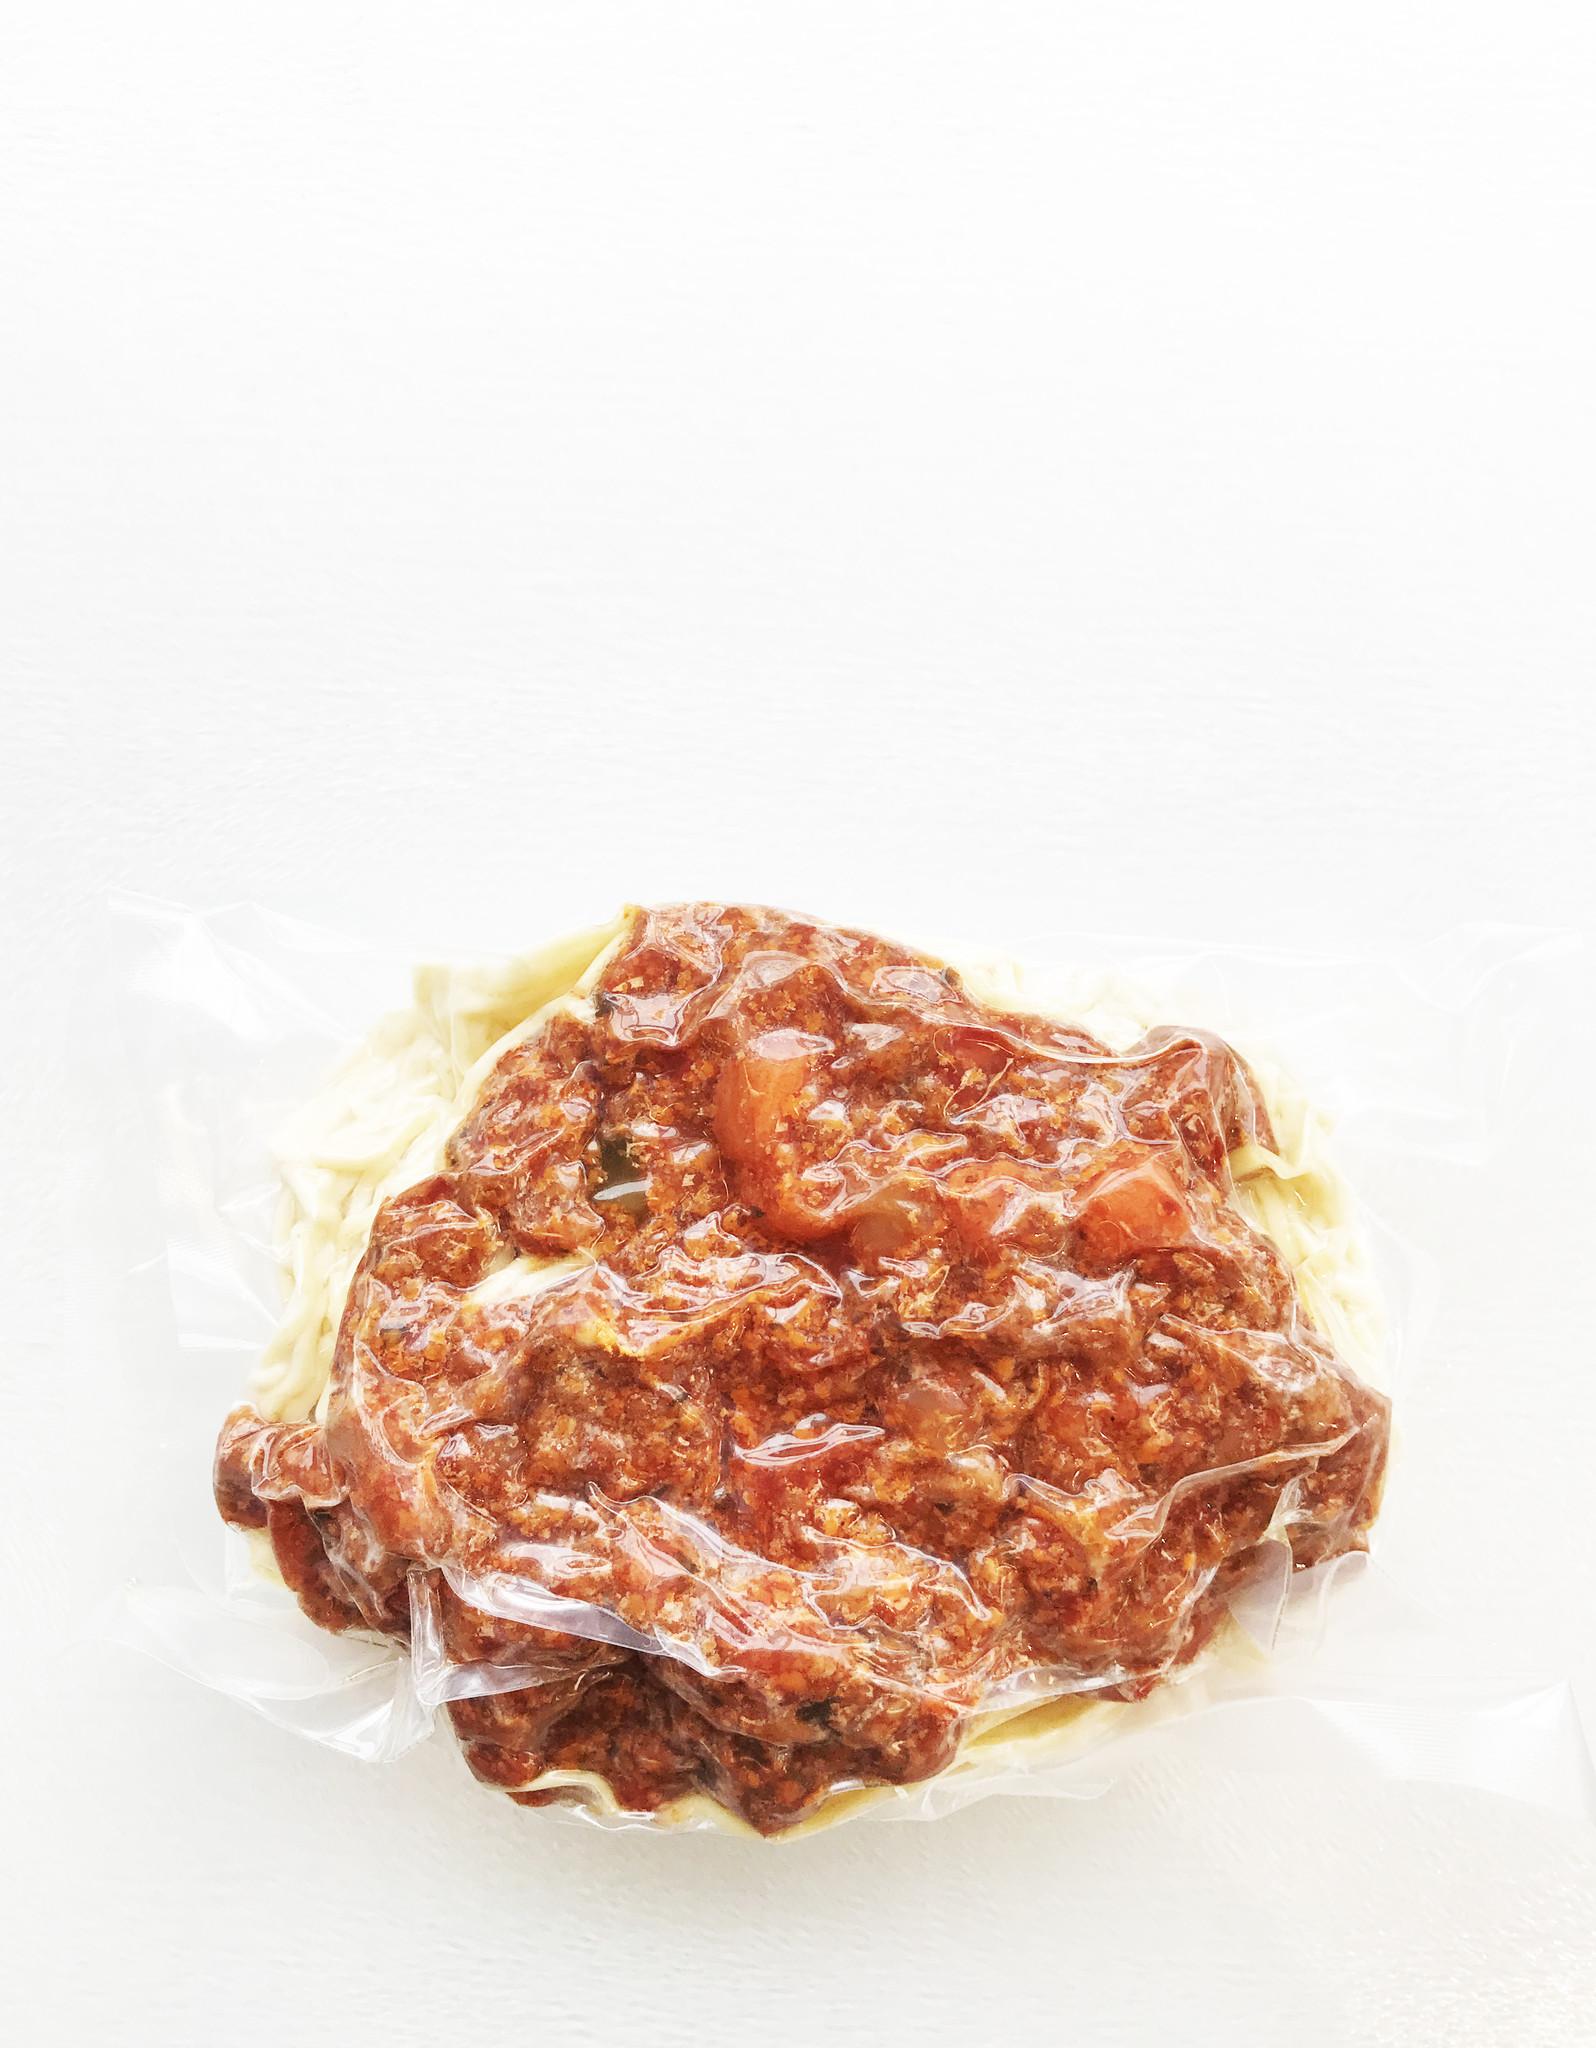 Spaghettini à la viande (325g)